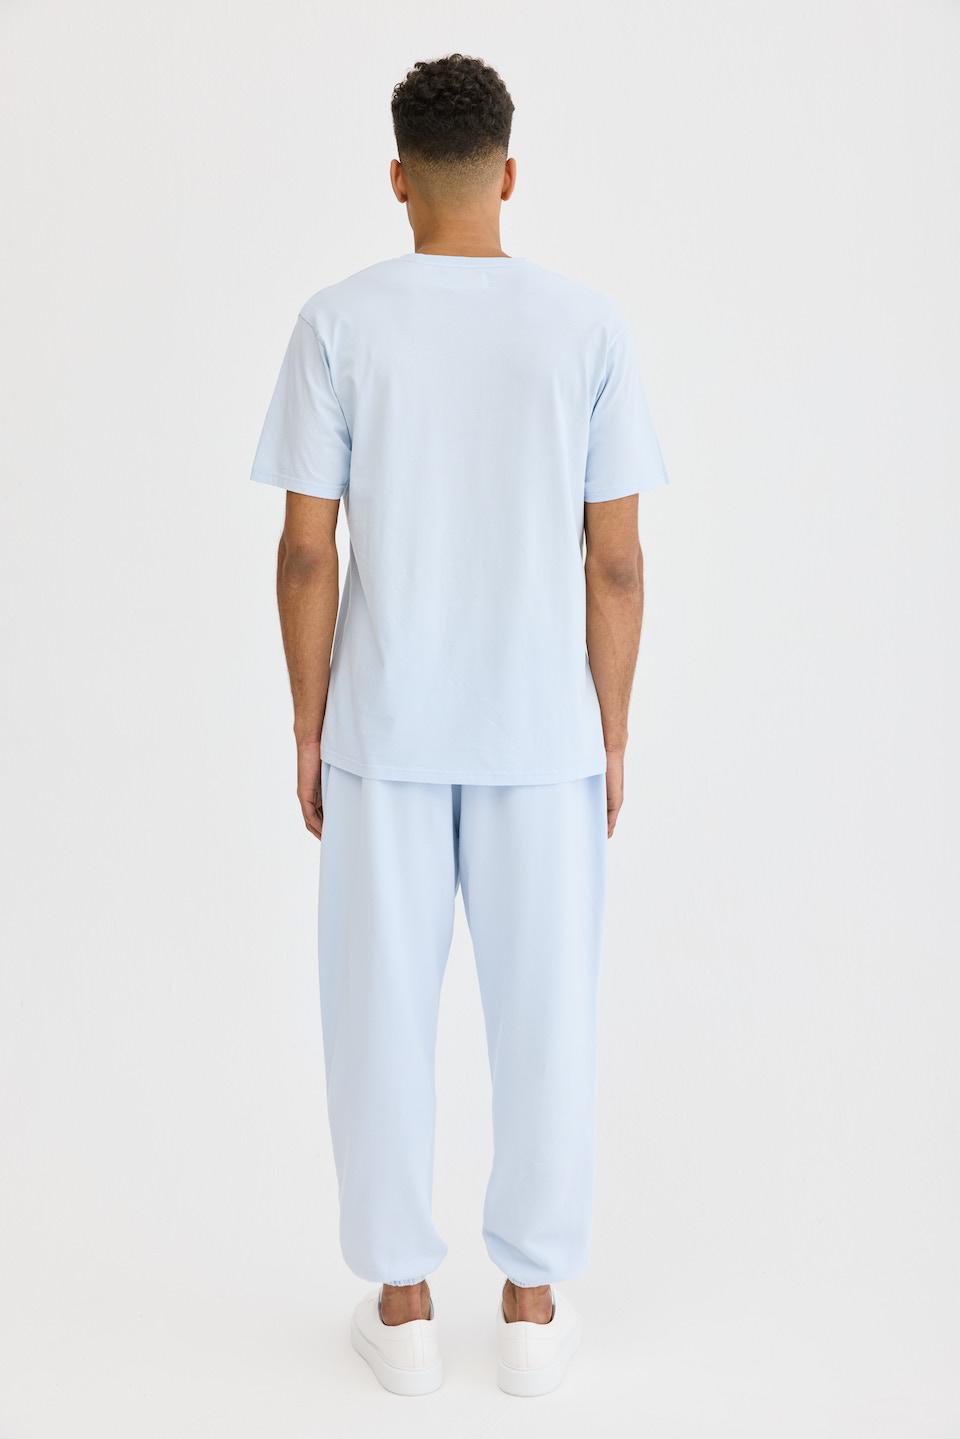 CPH Shirt 5M org. cotton light blue - alternative 1